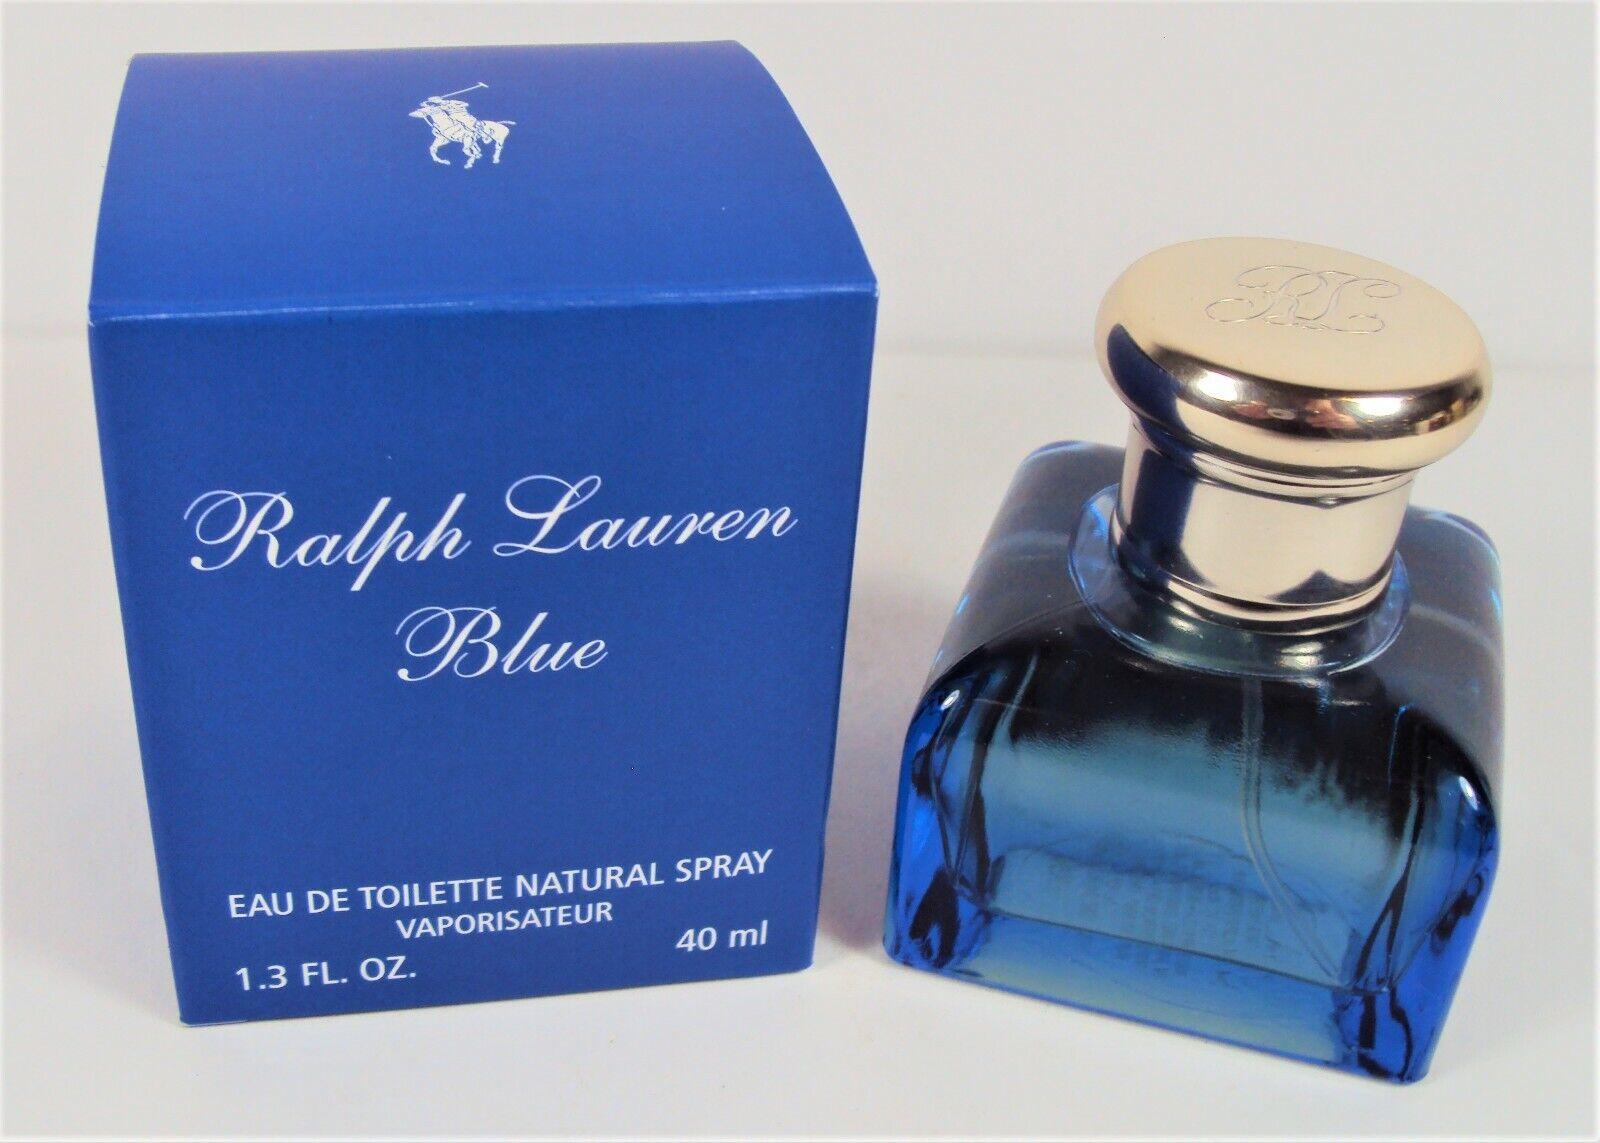 Ralph Lauren Blue for Women 1.3oz/40ml Eau de Toilette Spray